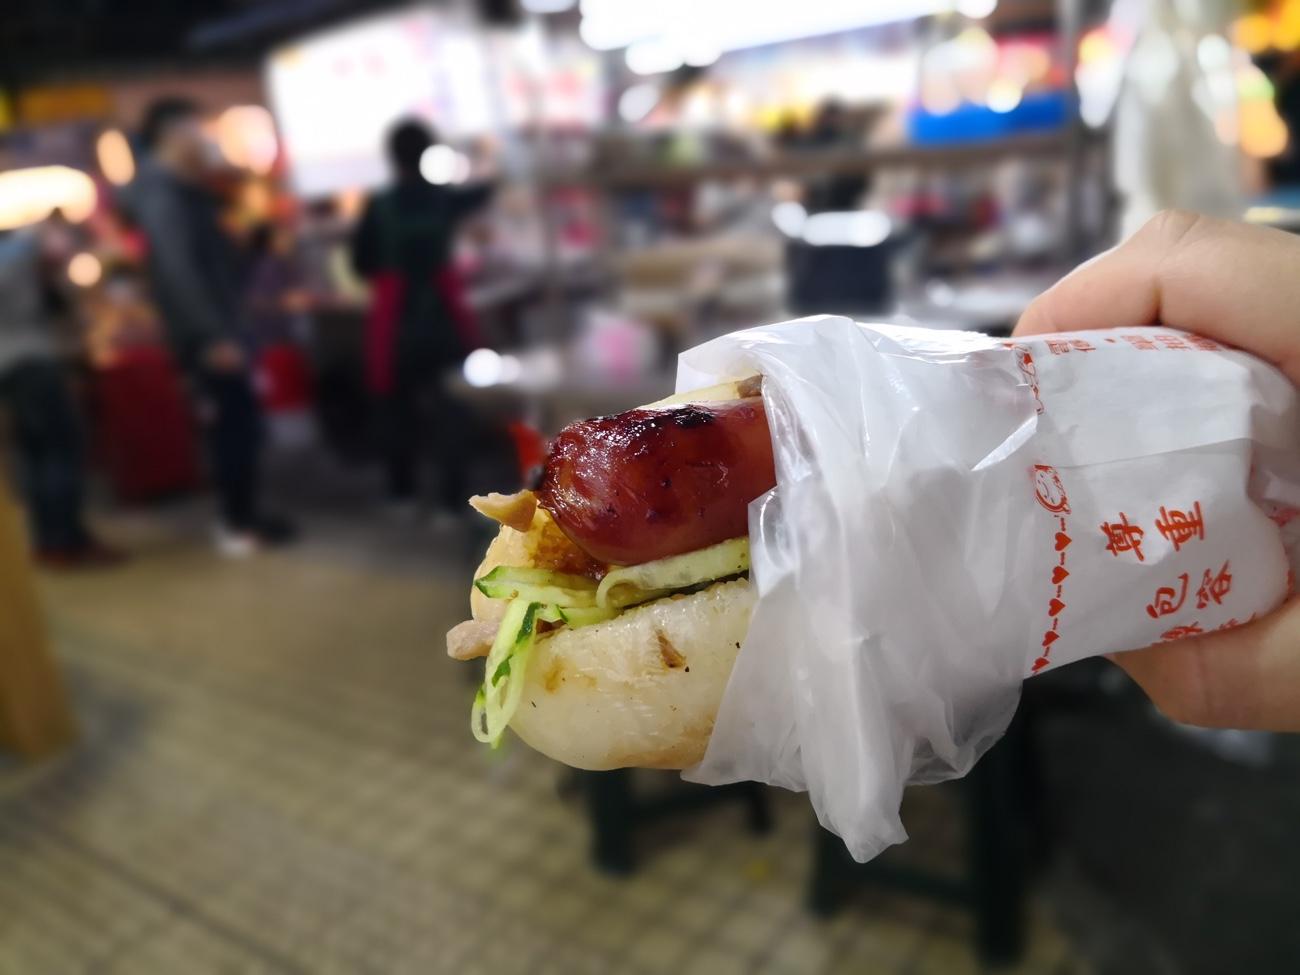 もち米ソーセージ 大腸包小腸 士林市場 食べ歩きおすすめ